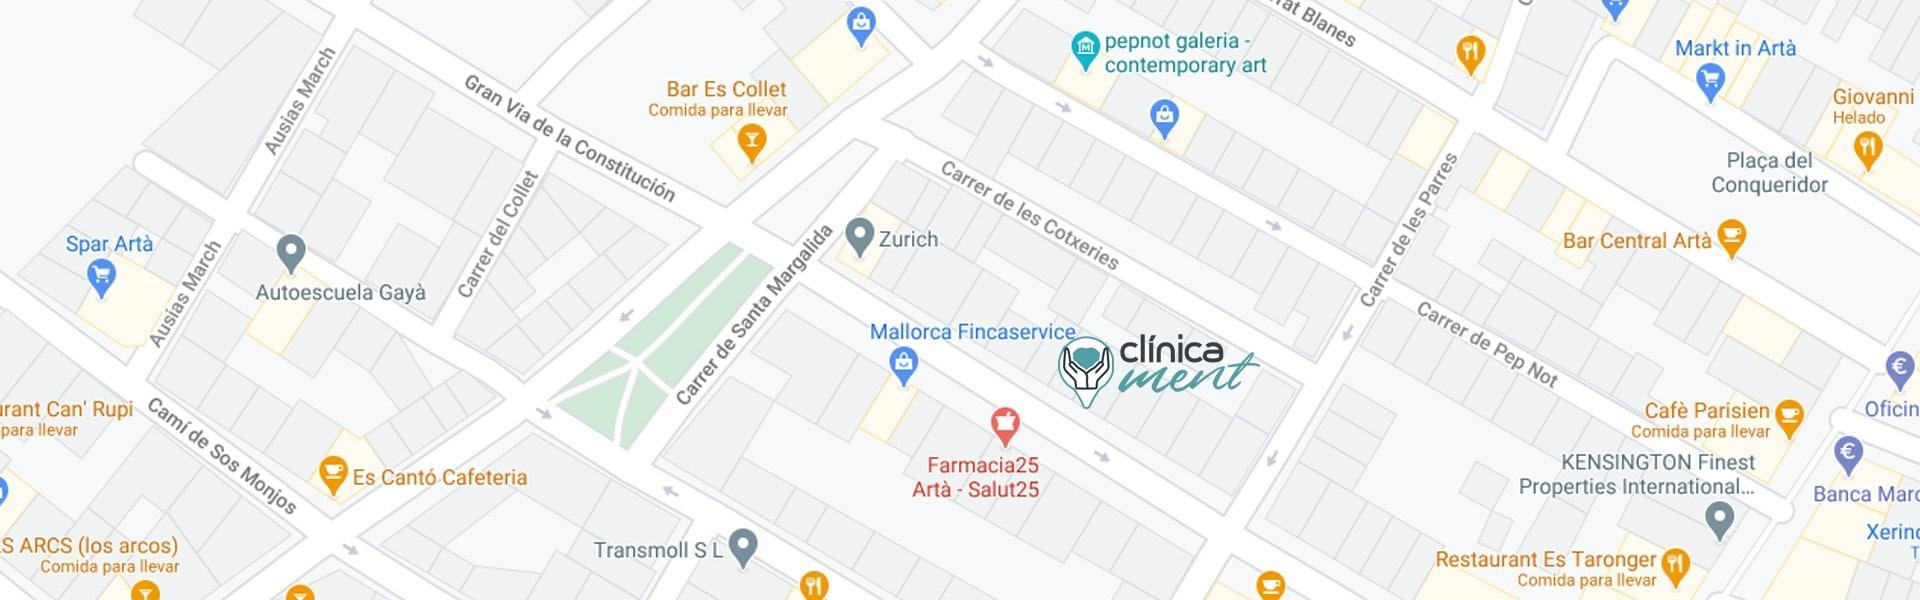 Clínica Ment, tu centro médico de confianza en Artà